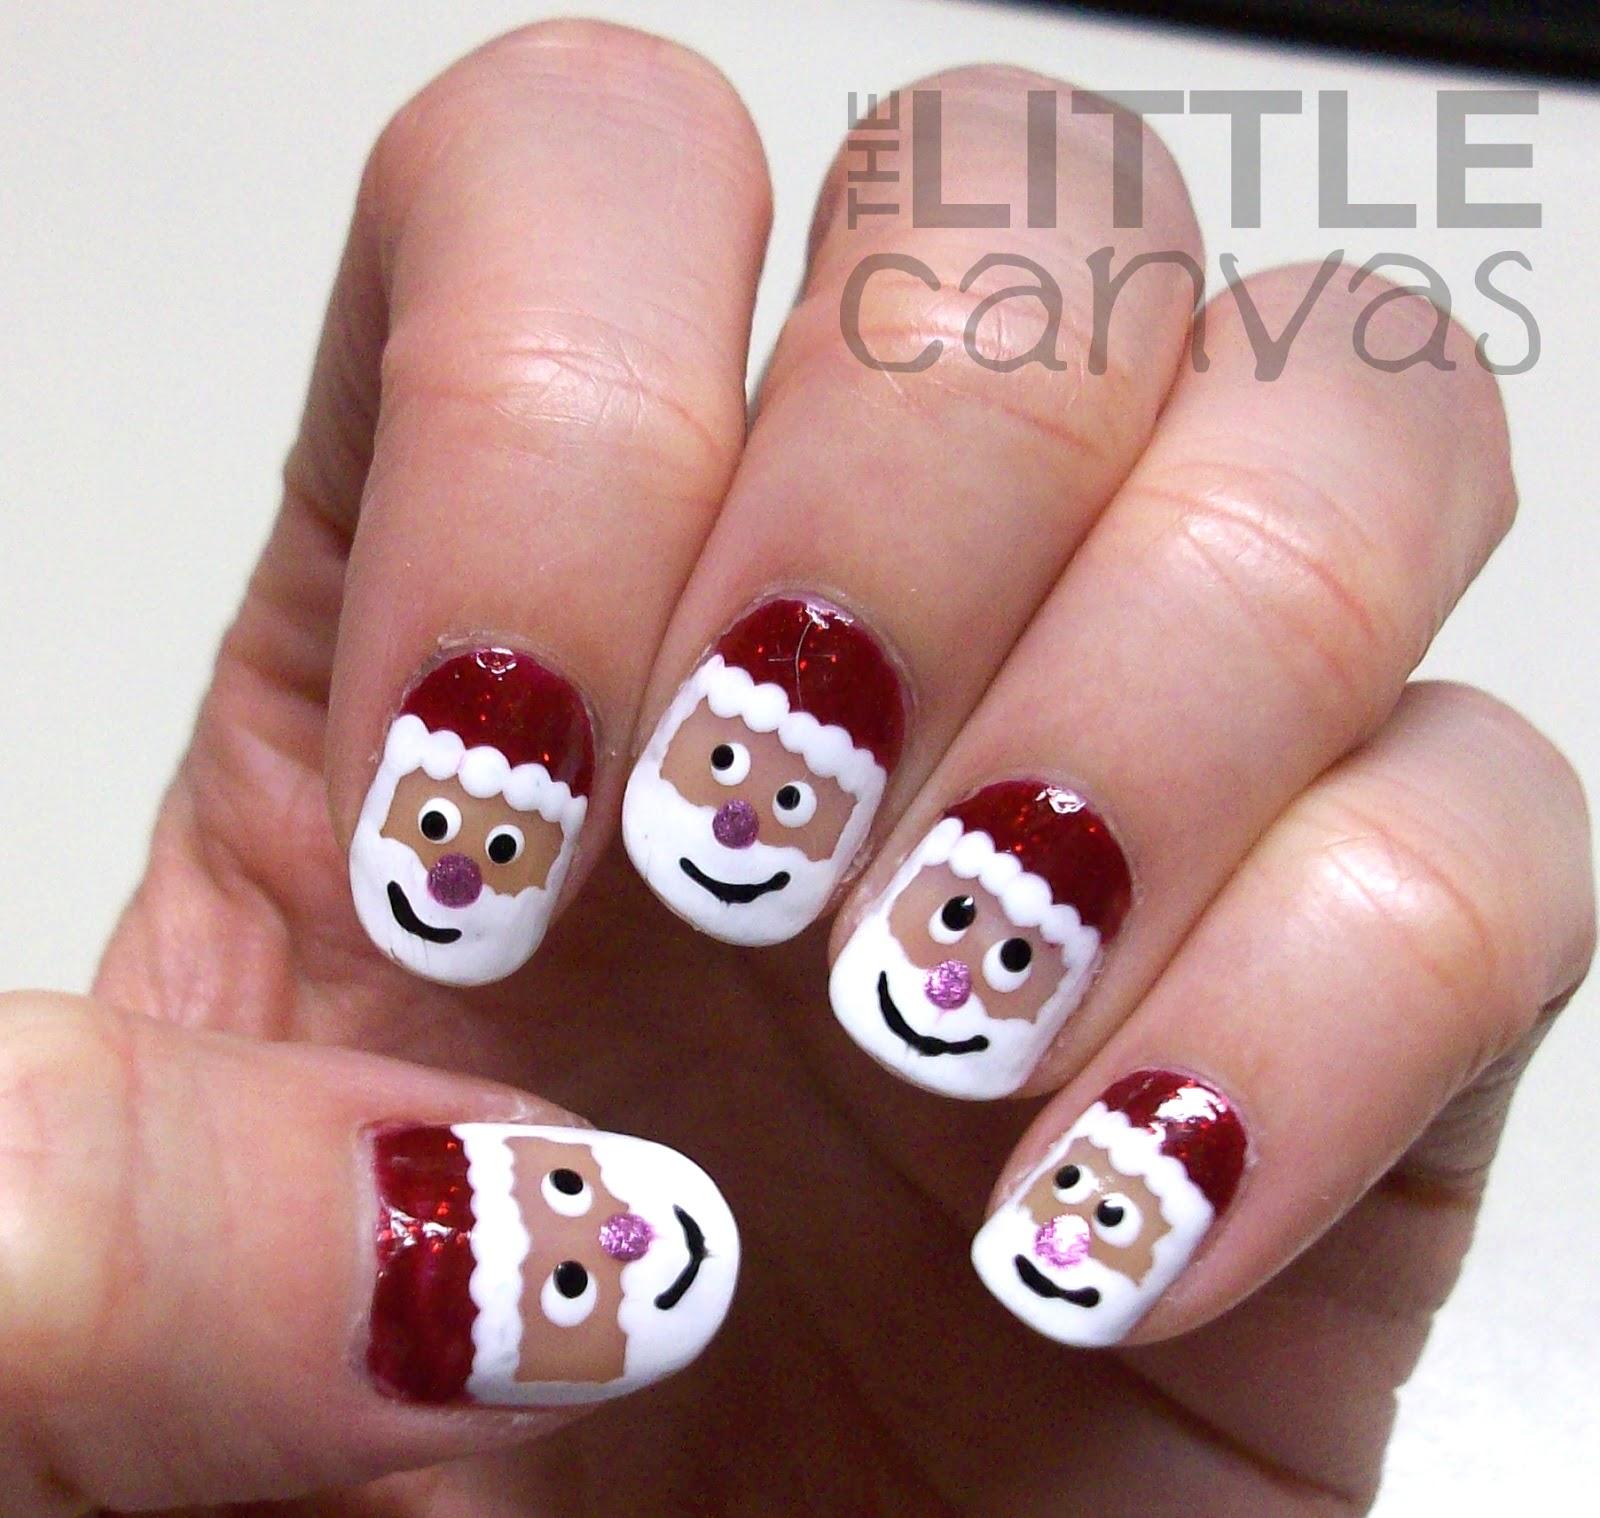 Santa Claus Nail Art - The Little Canvas